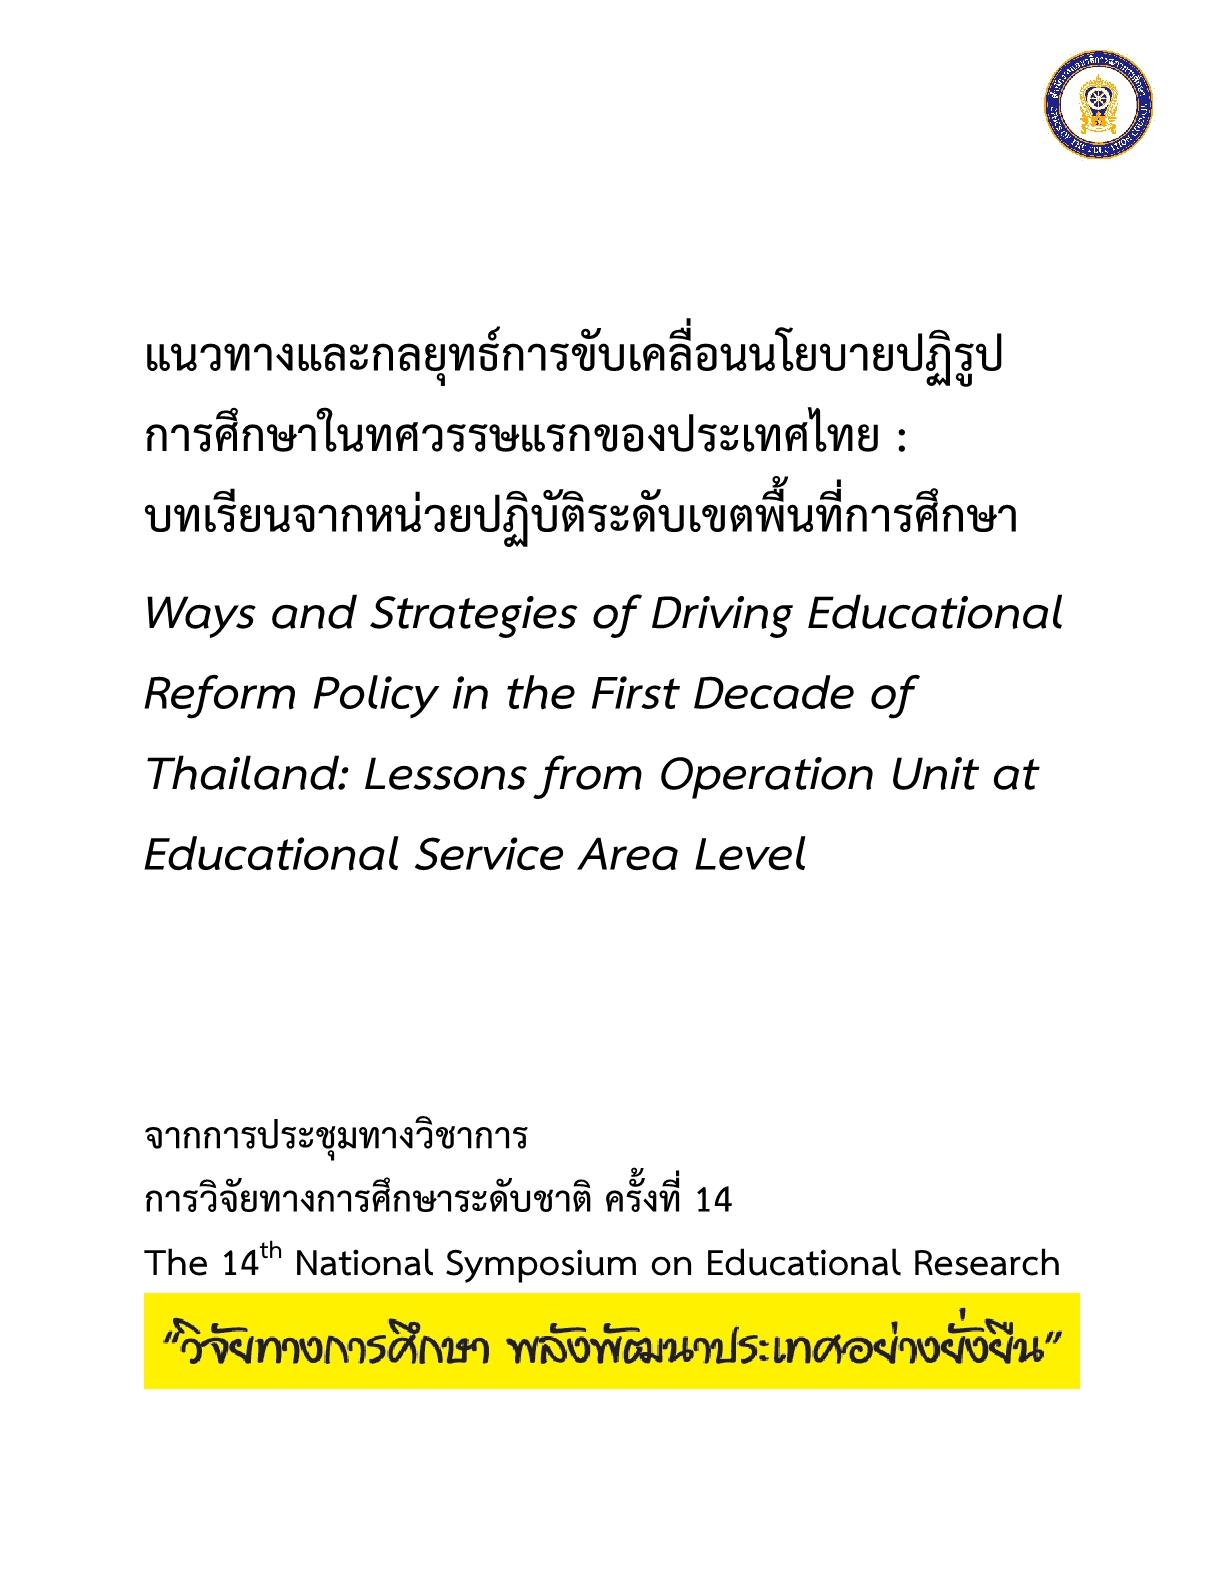 แนวทางและกลยุทธ์การขับเคลื่อนนโยบายปฏิรูปการศึกษาในทศวรรษแรกของประเทศไทย: บทเรียนจากหน่วยปฏิบัติระดับเขตพื้นที่การศึกษา